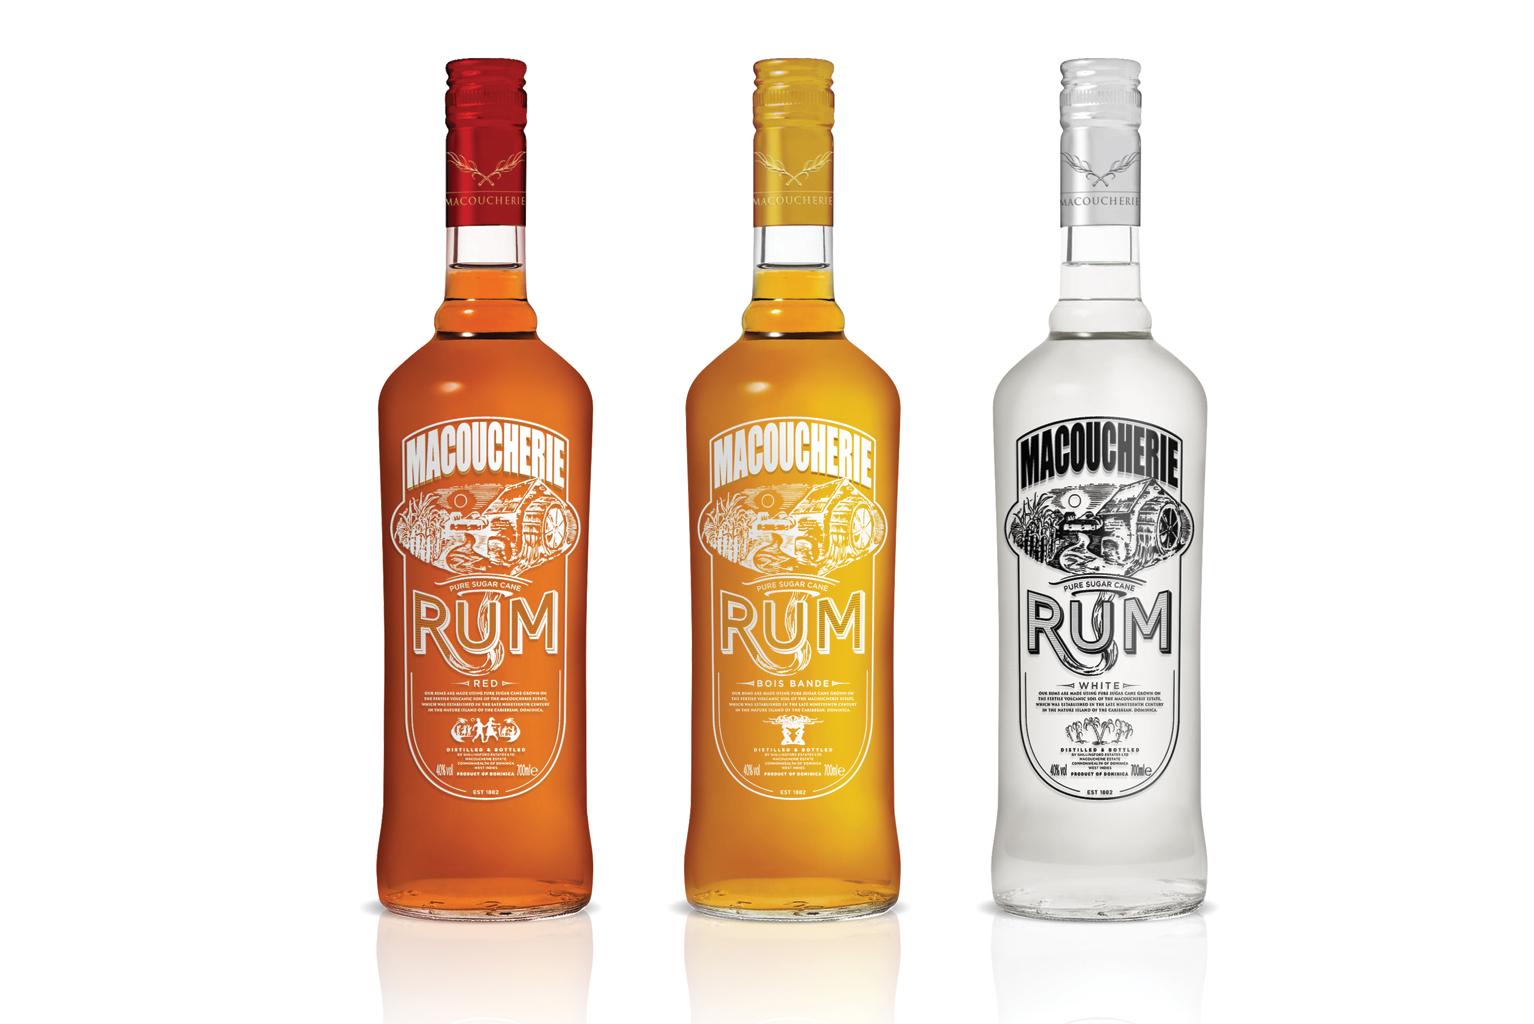 Macoucherie Rum